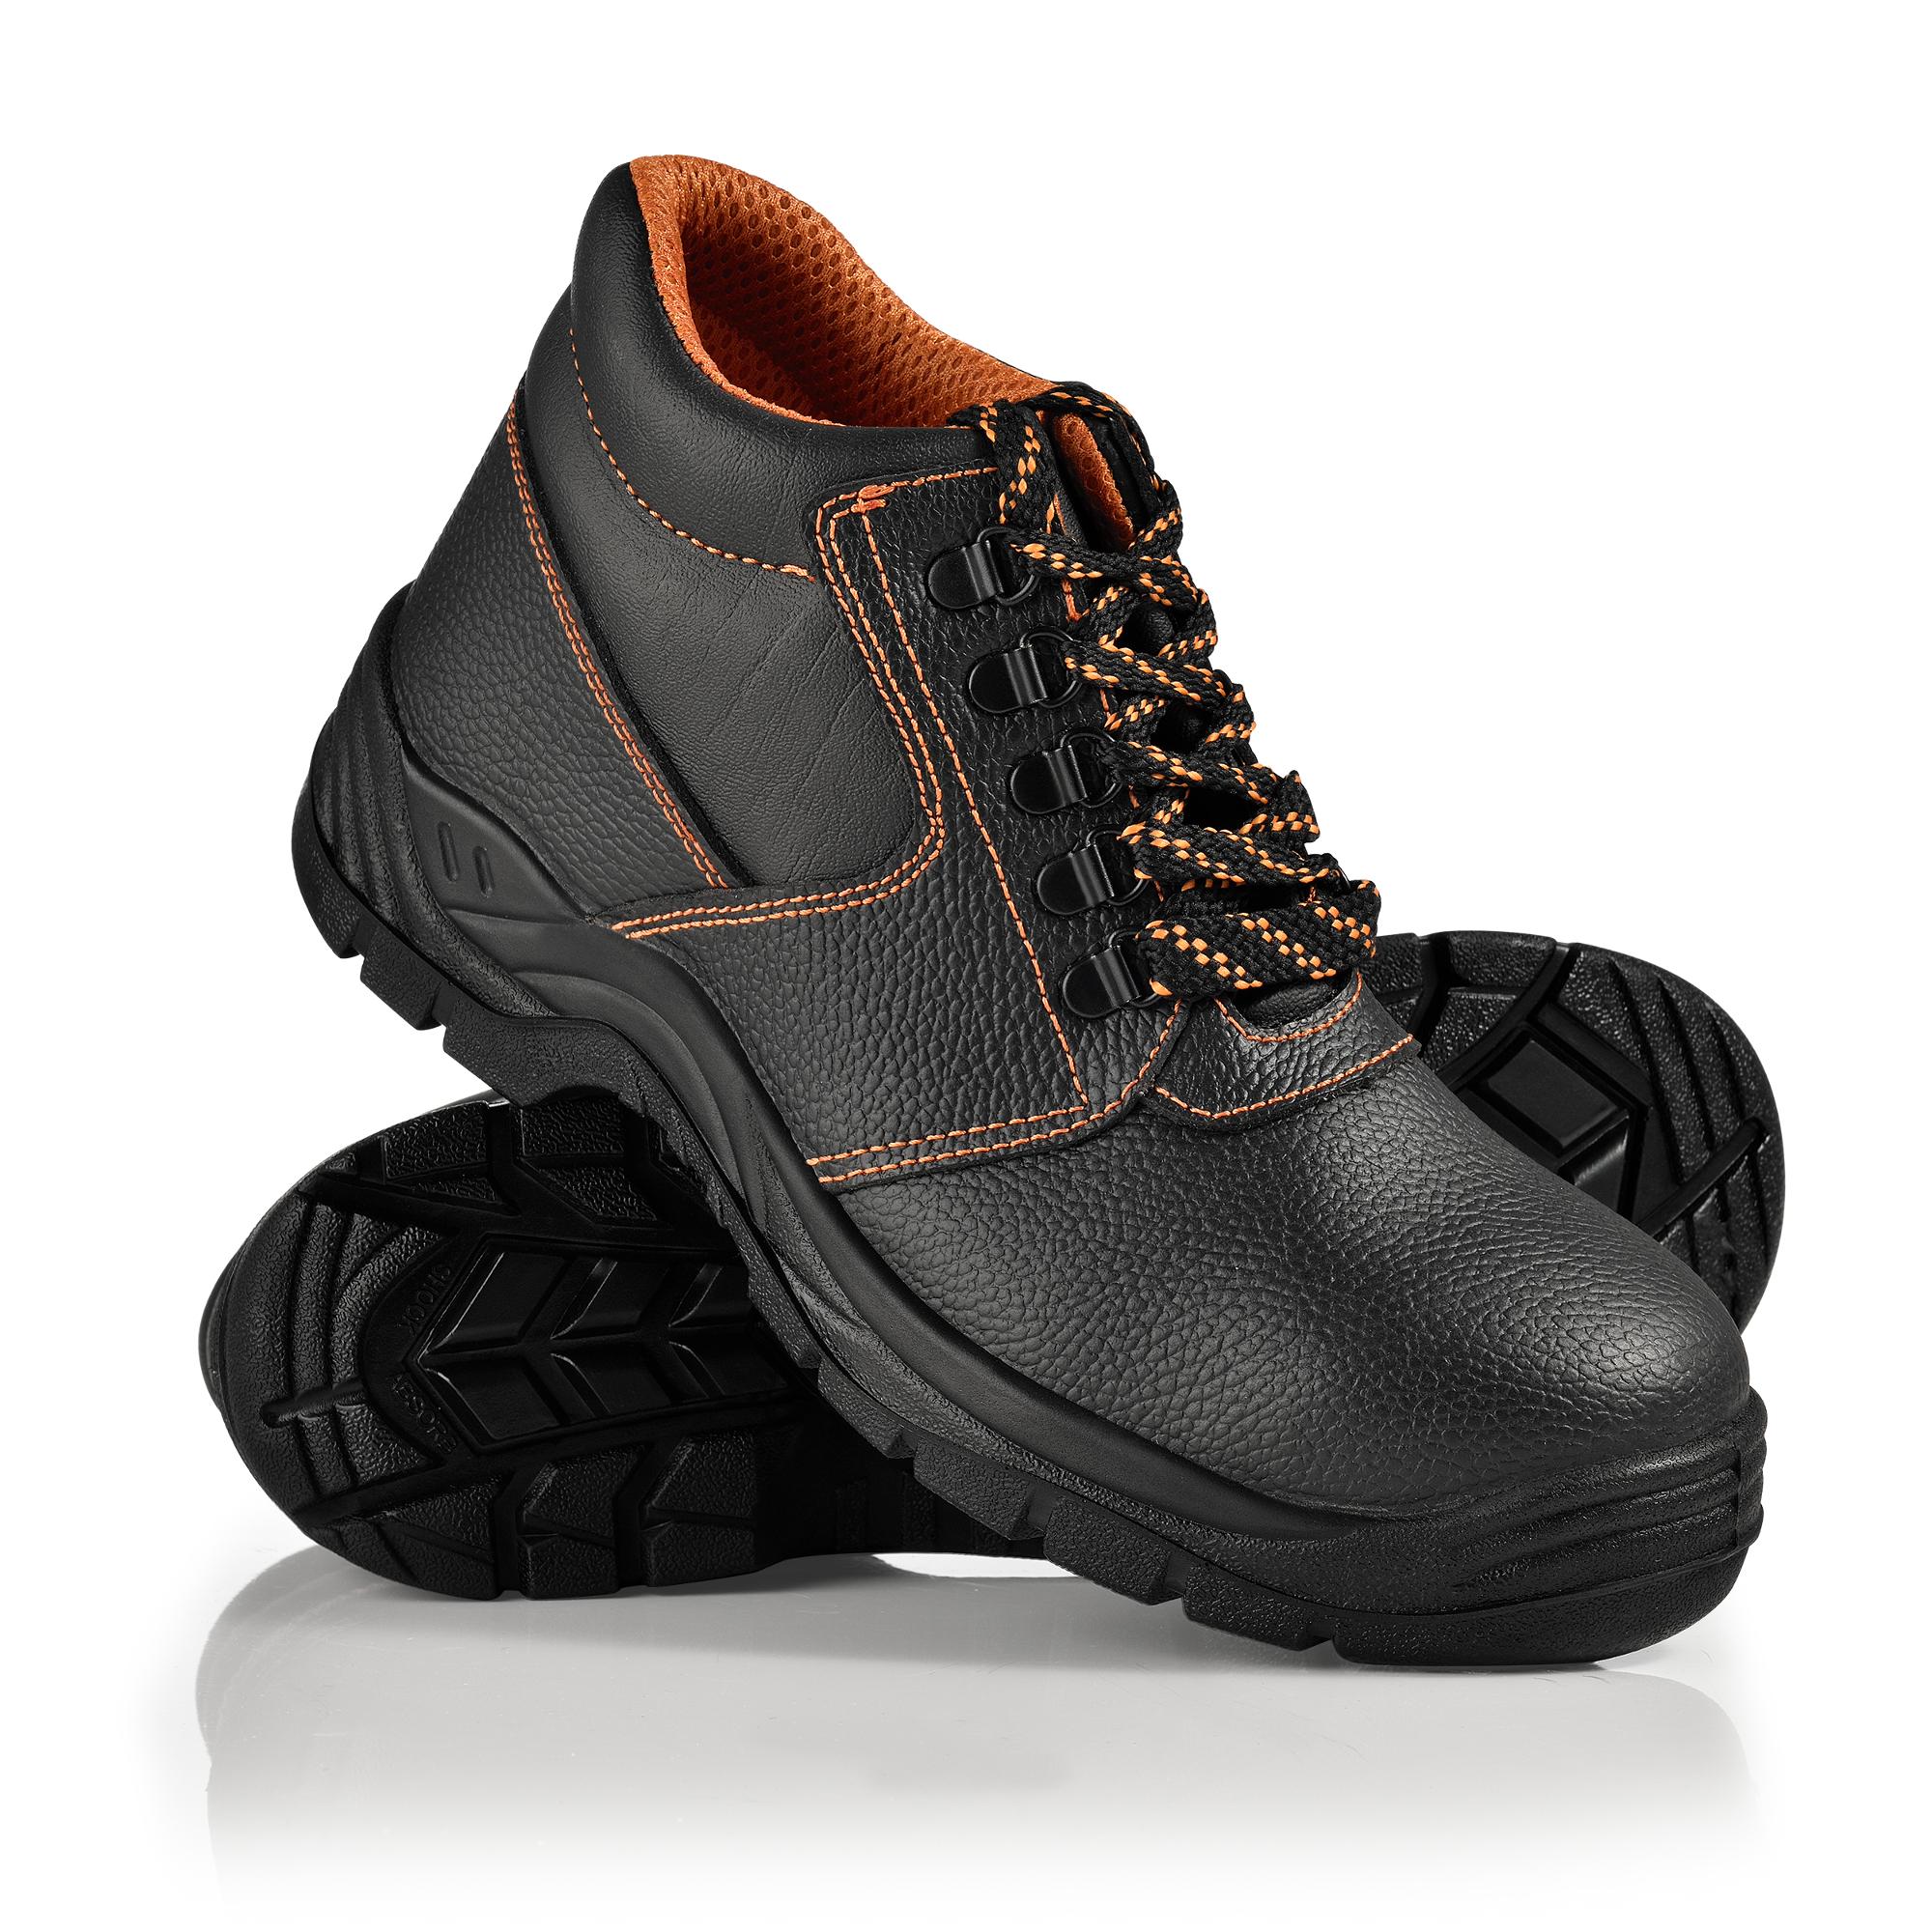 [pro.tec]® Pracovní obuv AAWS-4812 - kotníková - S3